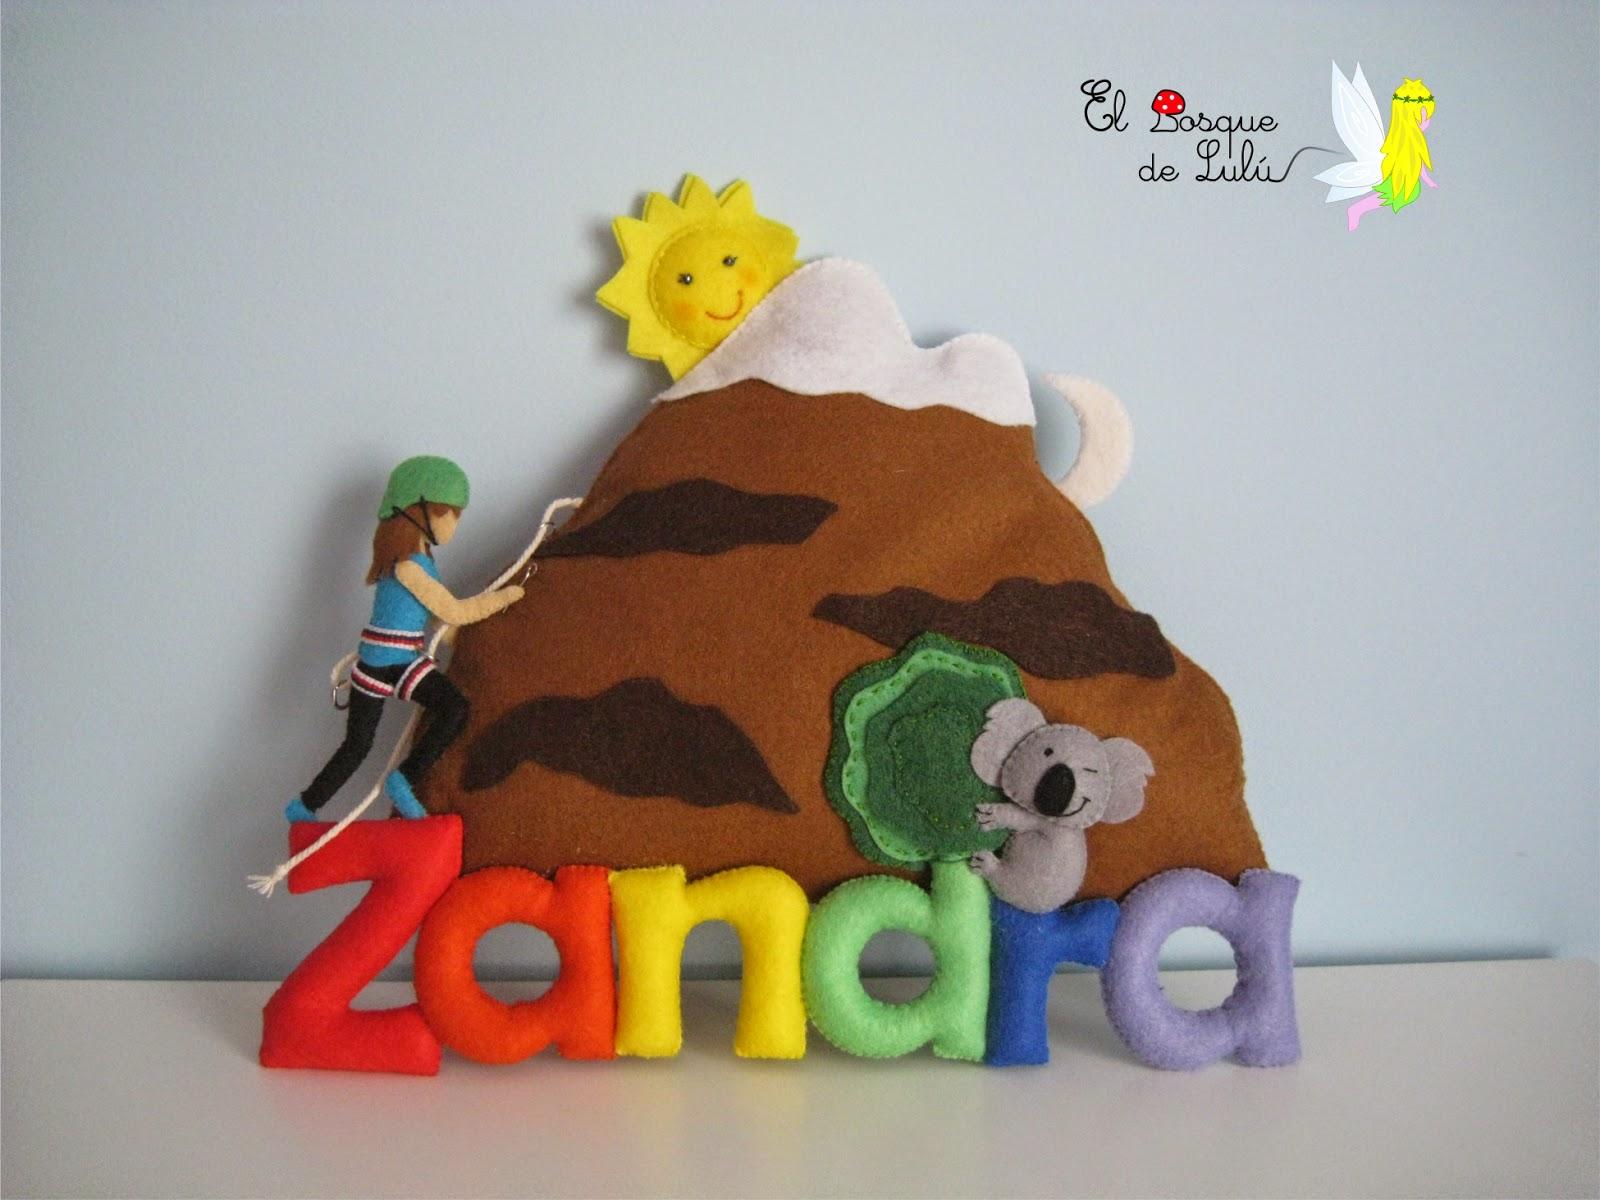 letrero-decorativo-fieltro-nombre-banner-alpinista-escaladora-regalo-personalizado-decoración